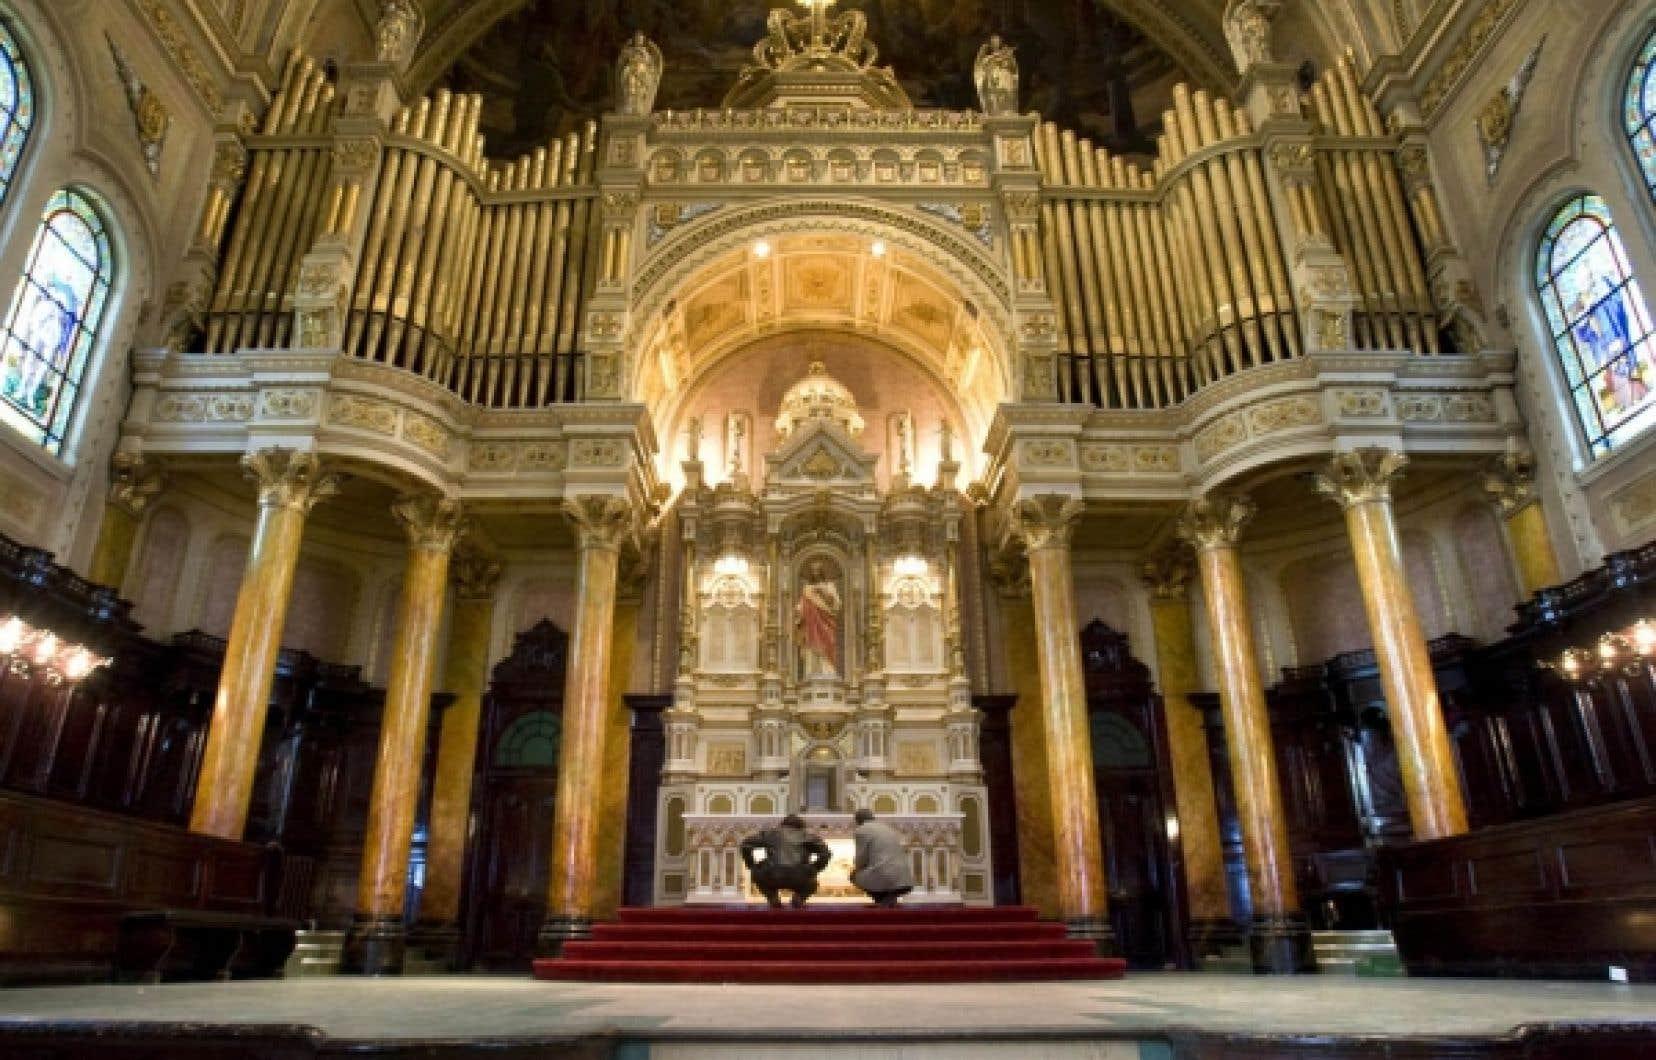 Présentement, on procède au cas par cas faute de cadre cohérent global pour sauver le patrimoine religieux.